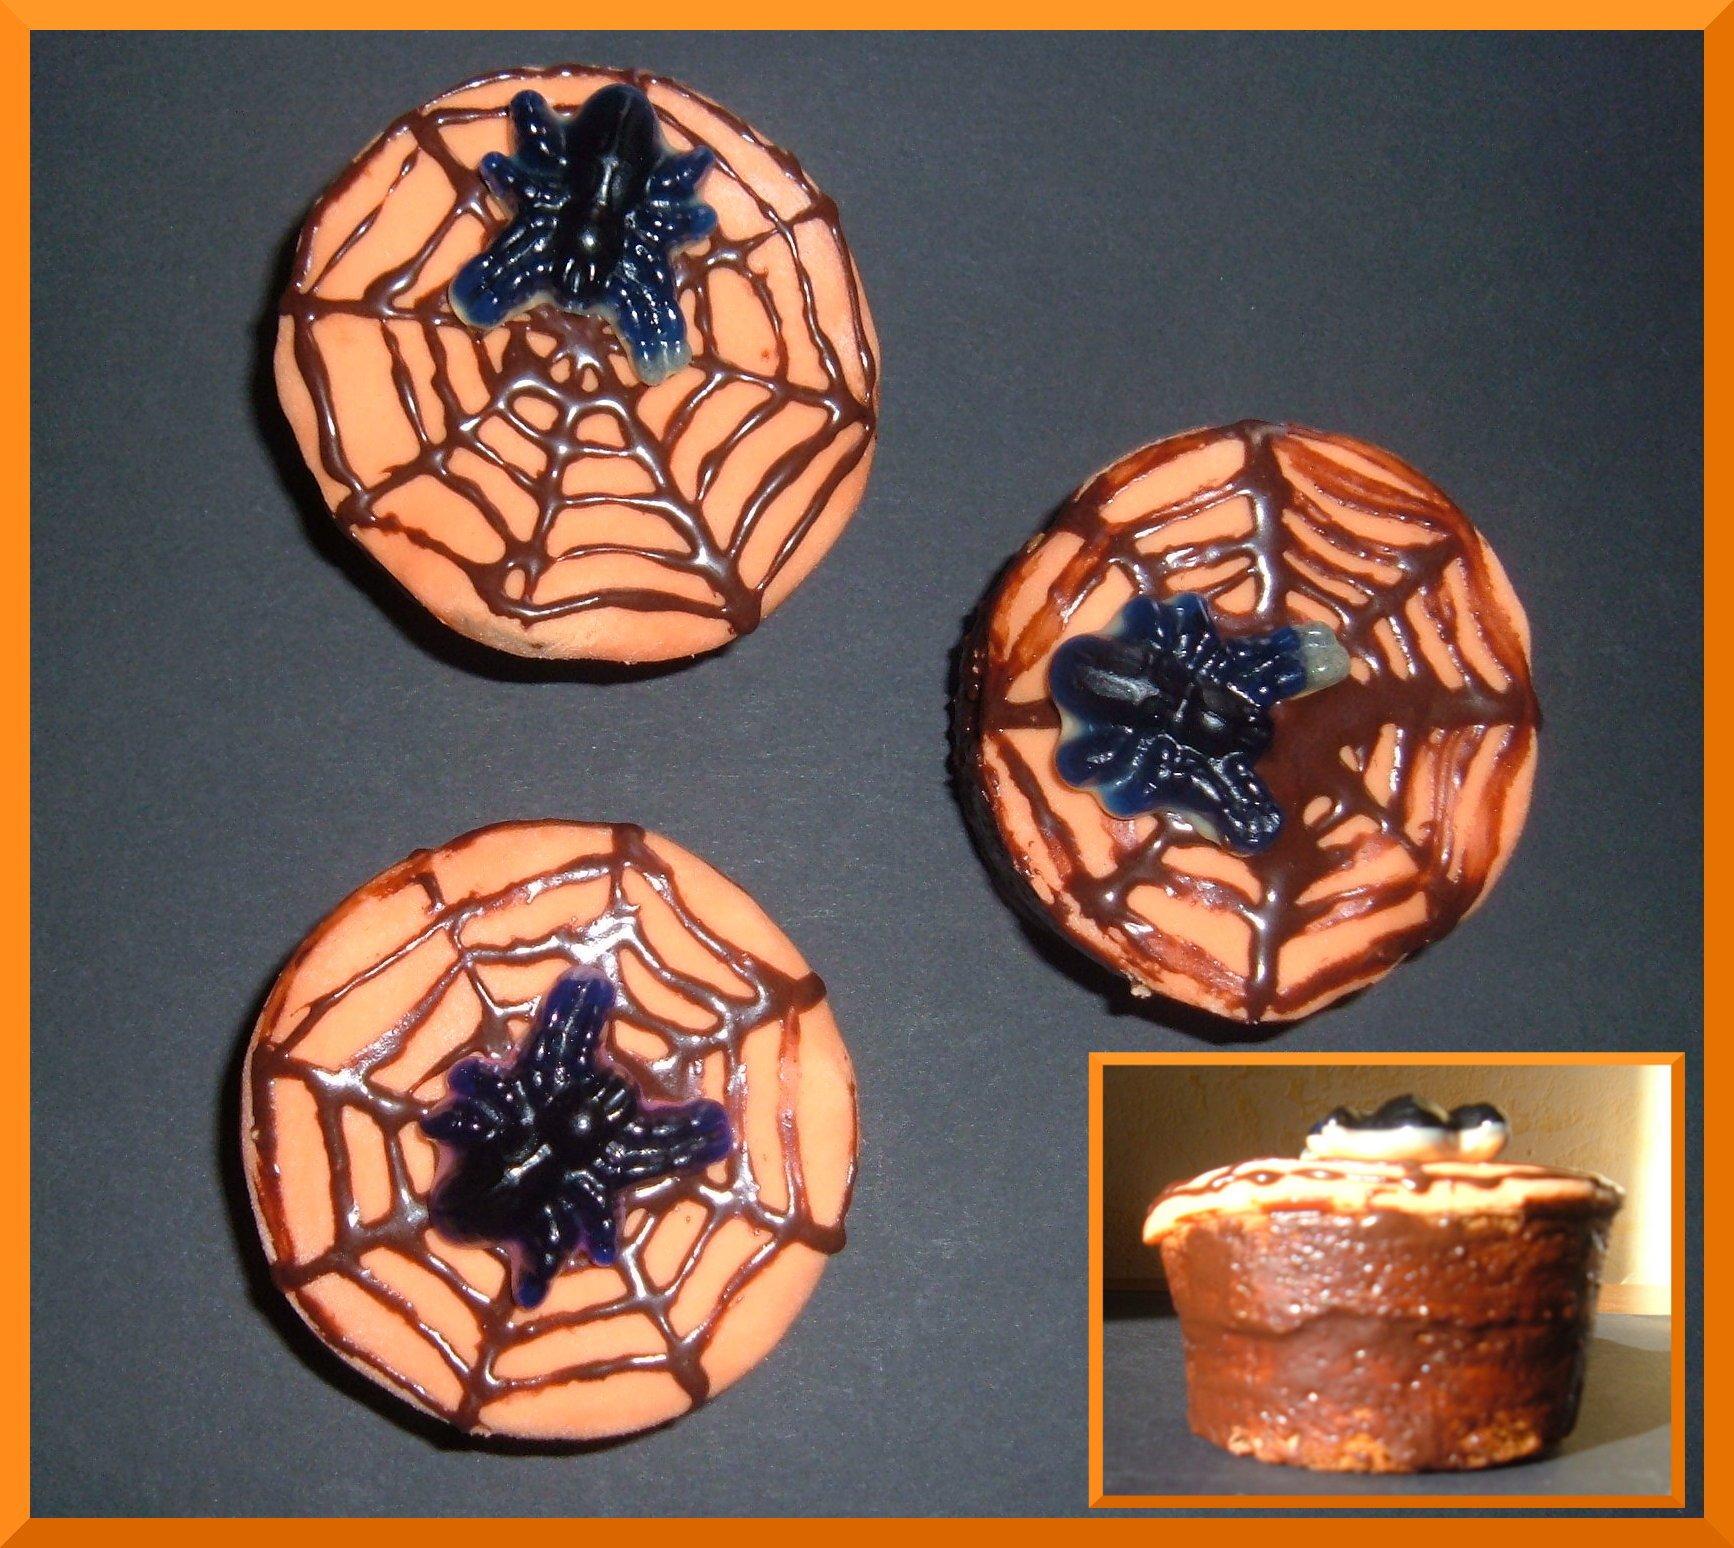 muffinshalloween.jpg